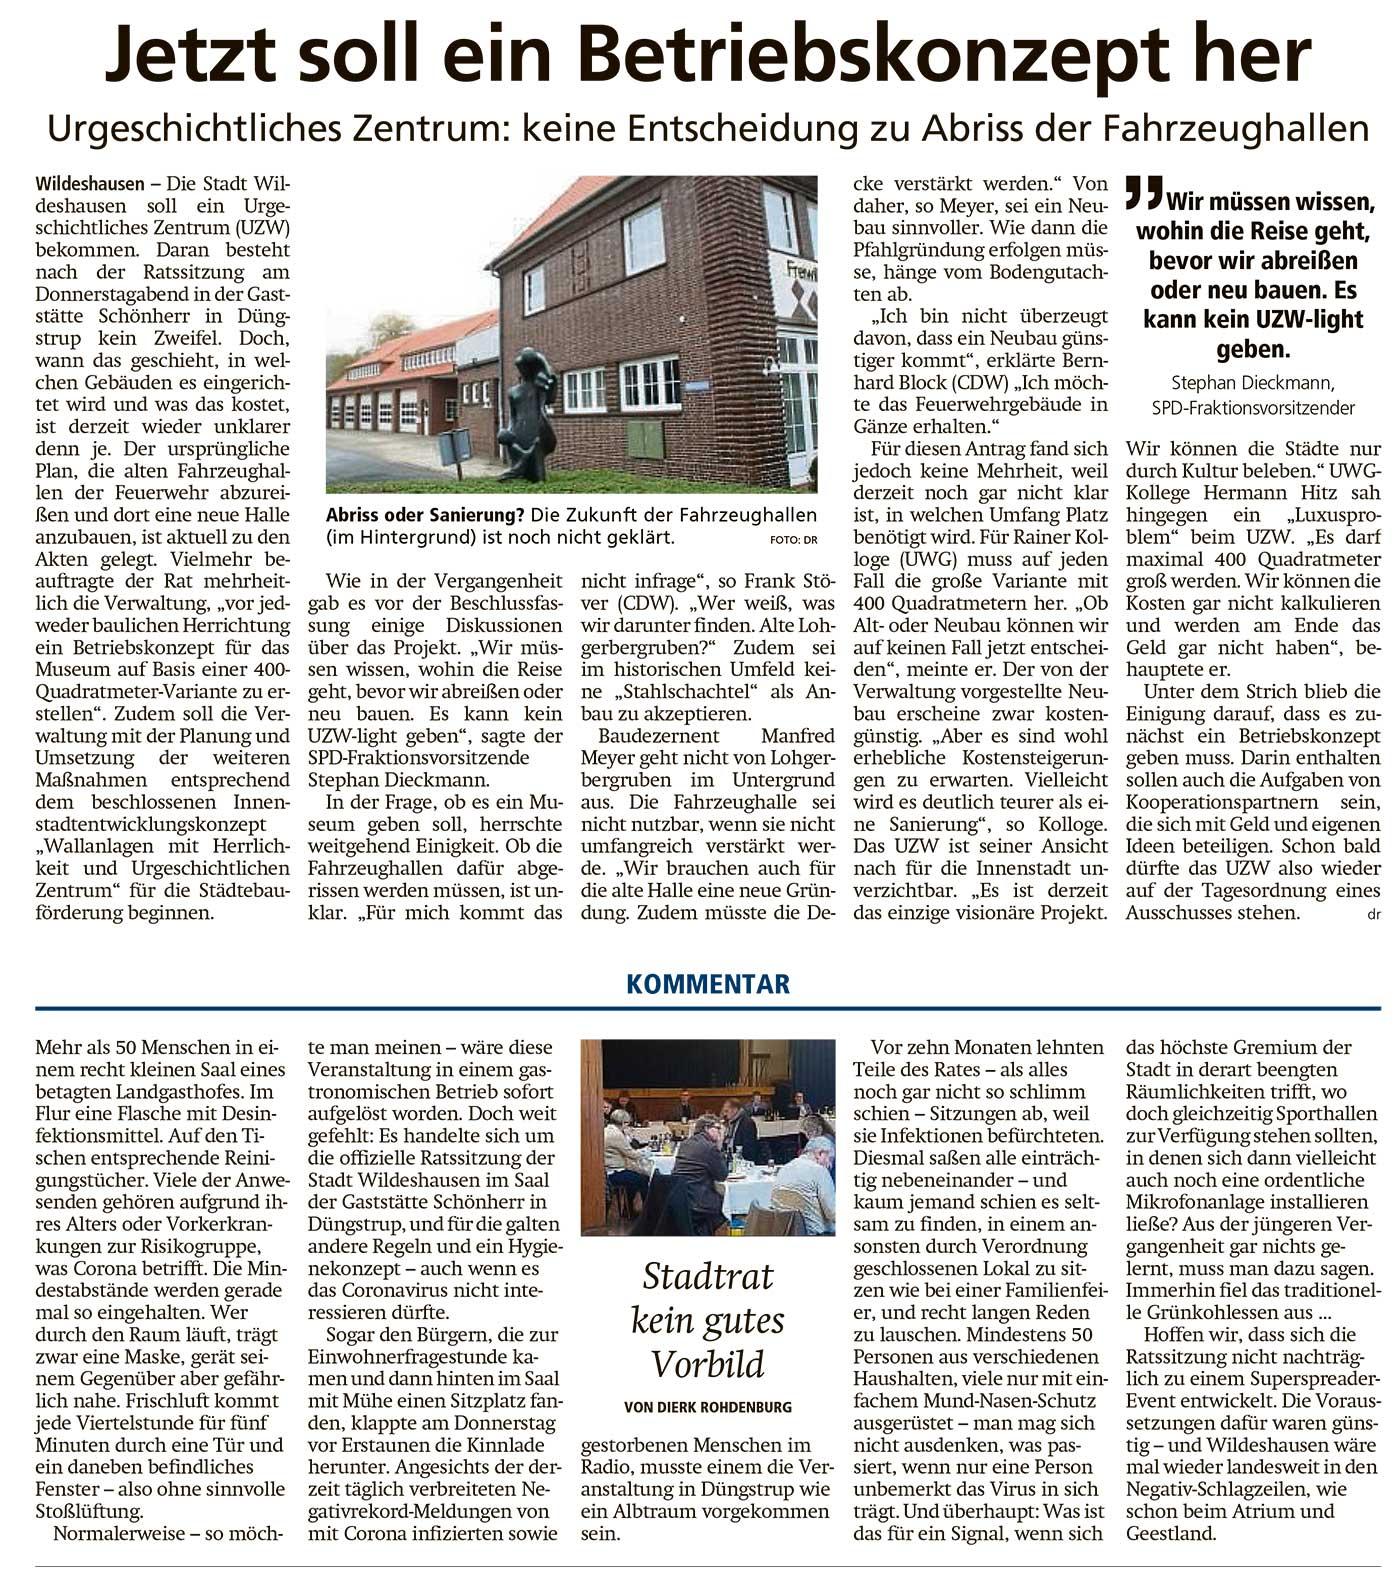 Jetzt soll ein Betriebskonzept herUrgeschichtliches Zentrum: keine Entscheidung zu Abriss der Fahrzeughallen // Kommentar: Stadtrat kein gutes VorbildArtikel vom 12.12.2020 (WZ)